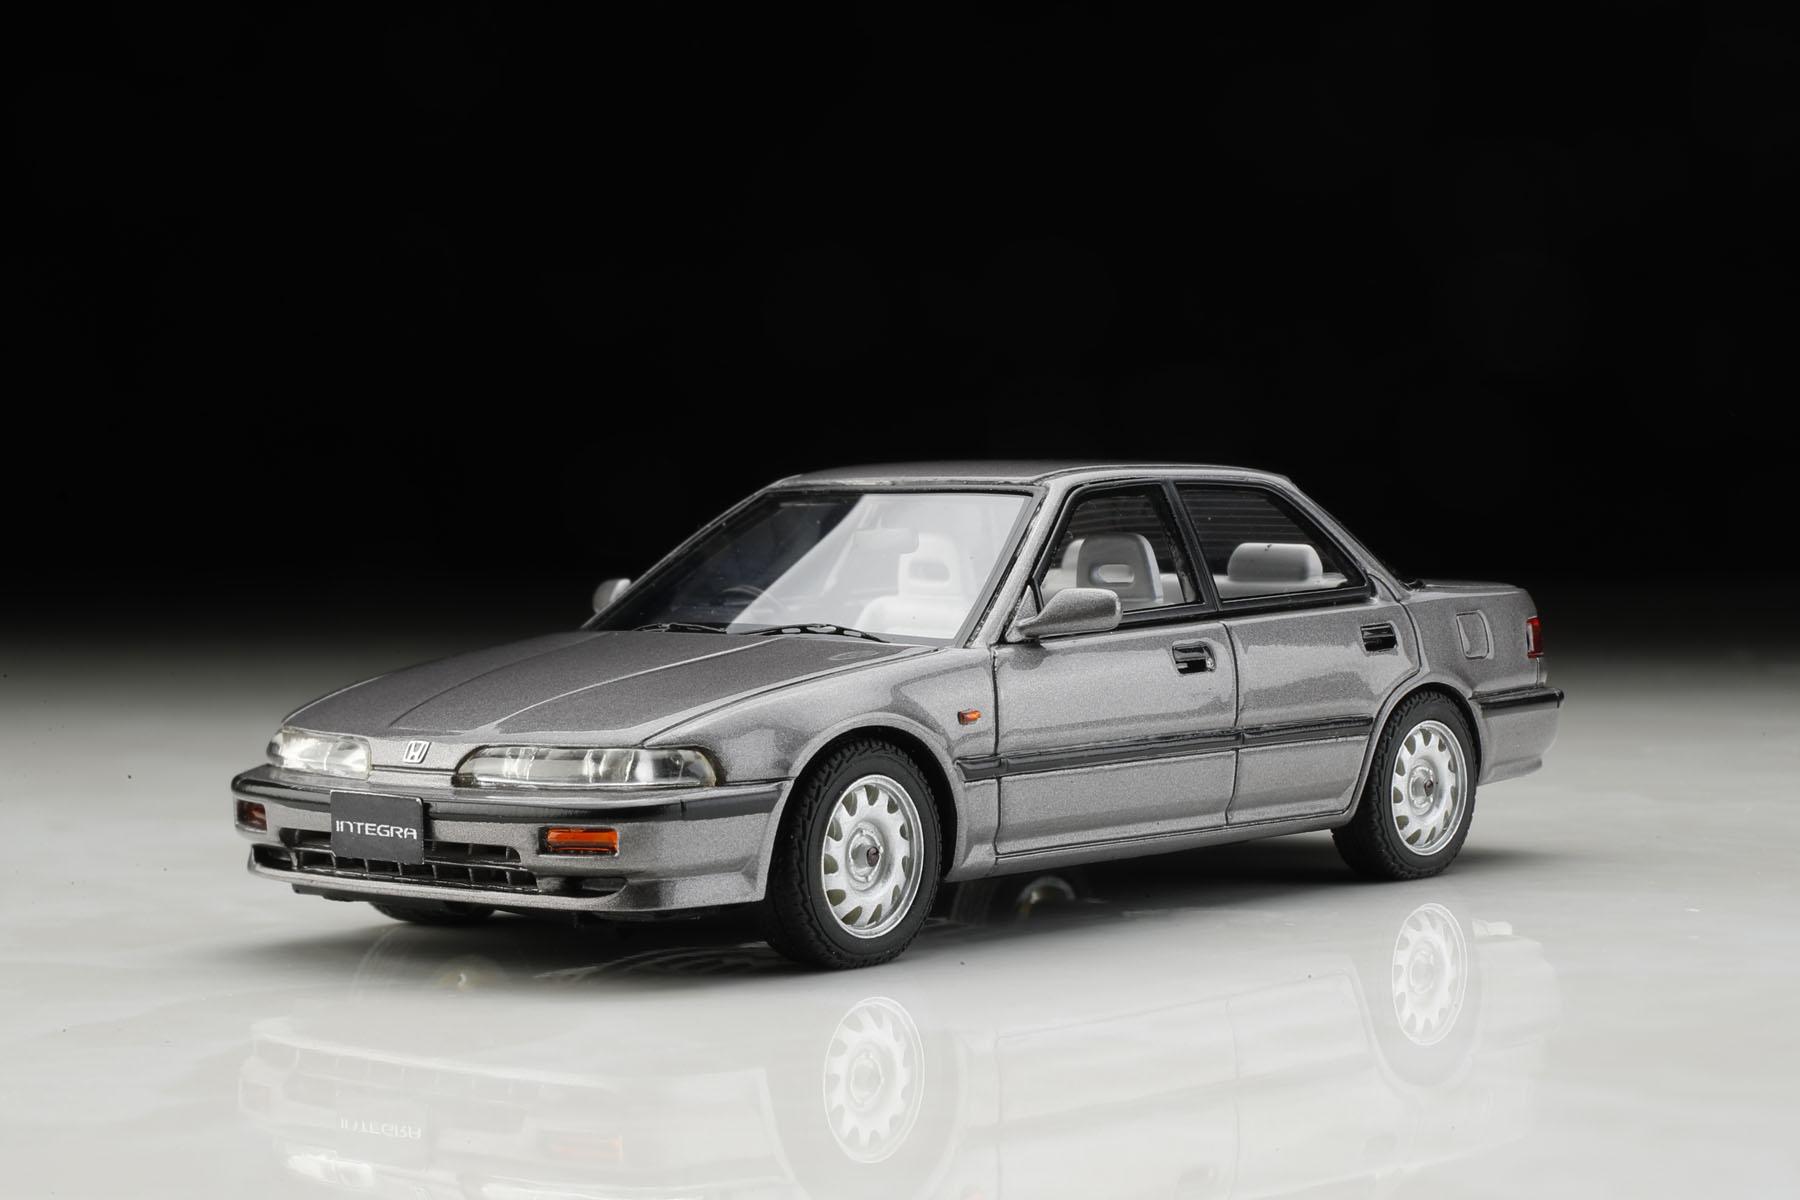 ポストホビー限定 MARK43 ホンダ インテグラ (DA7) RXi 1991  純正シートカバー(高級タイプ)ご予約開始!!_f0372507_2254097.jpg